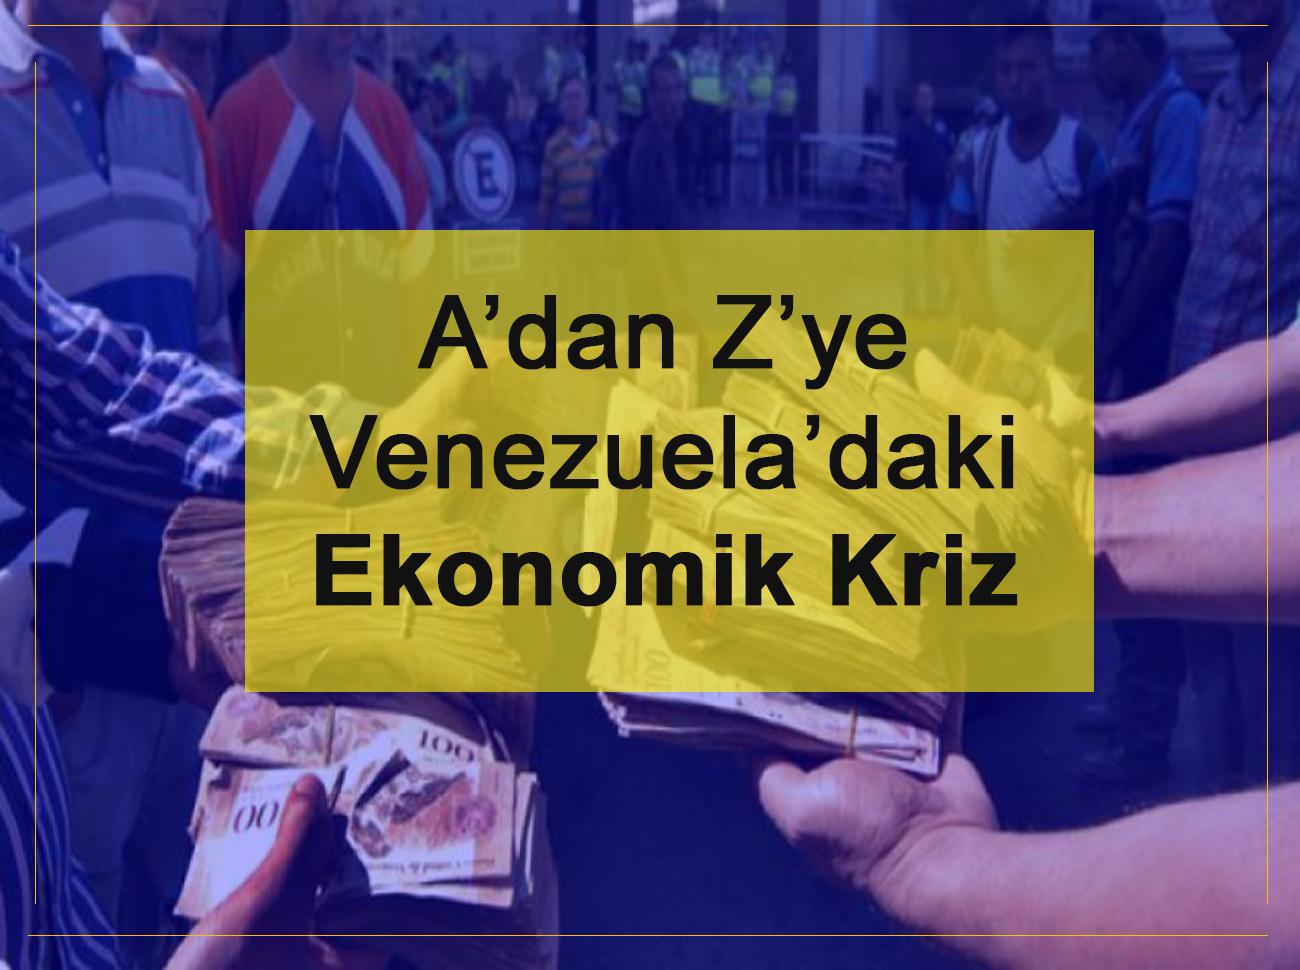 Venezuela'daki Ekonomik Krizin Tüm Detayları